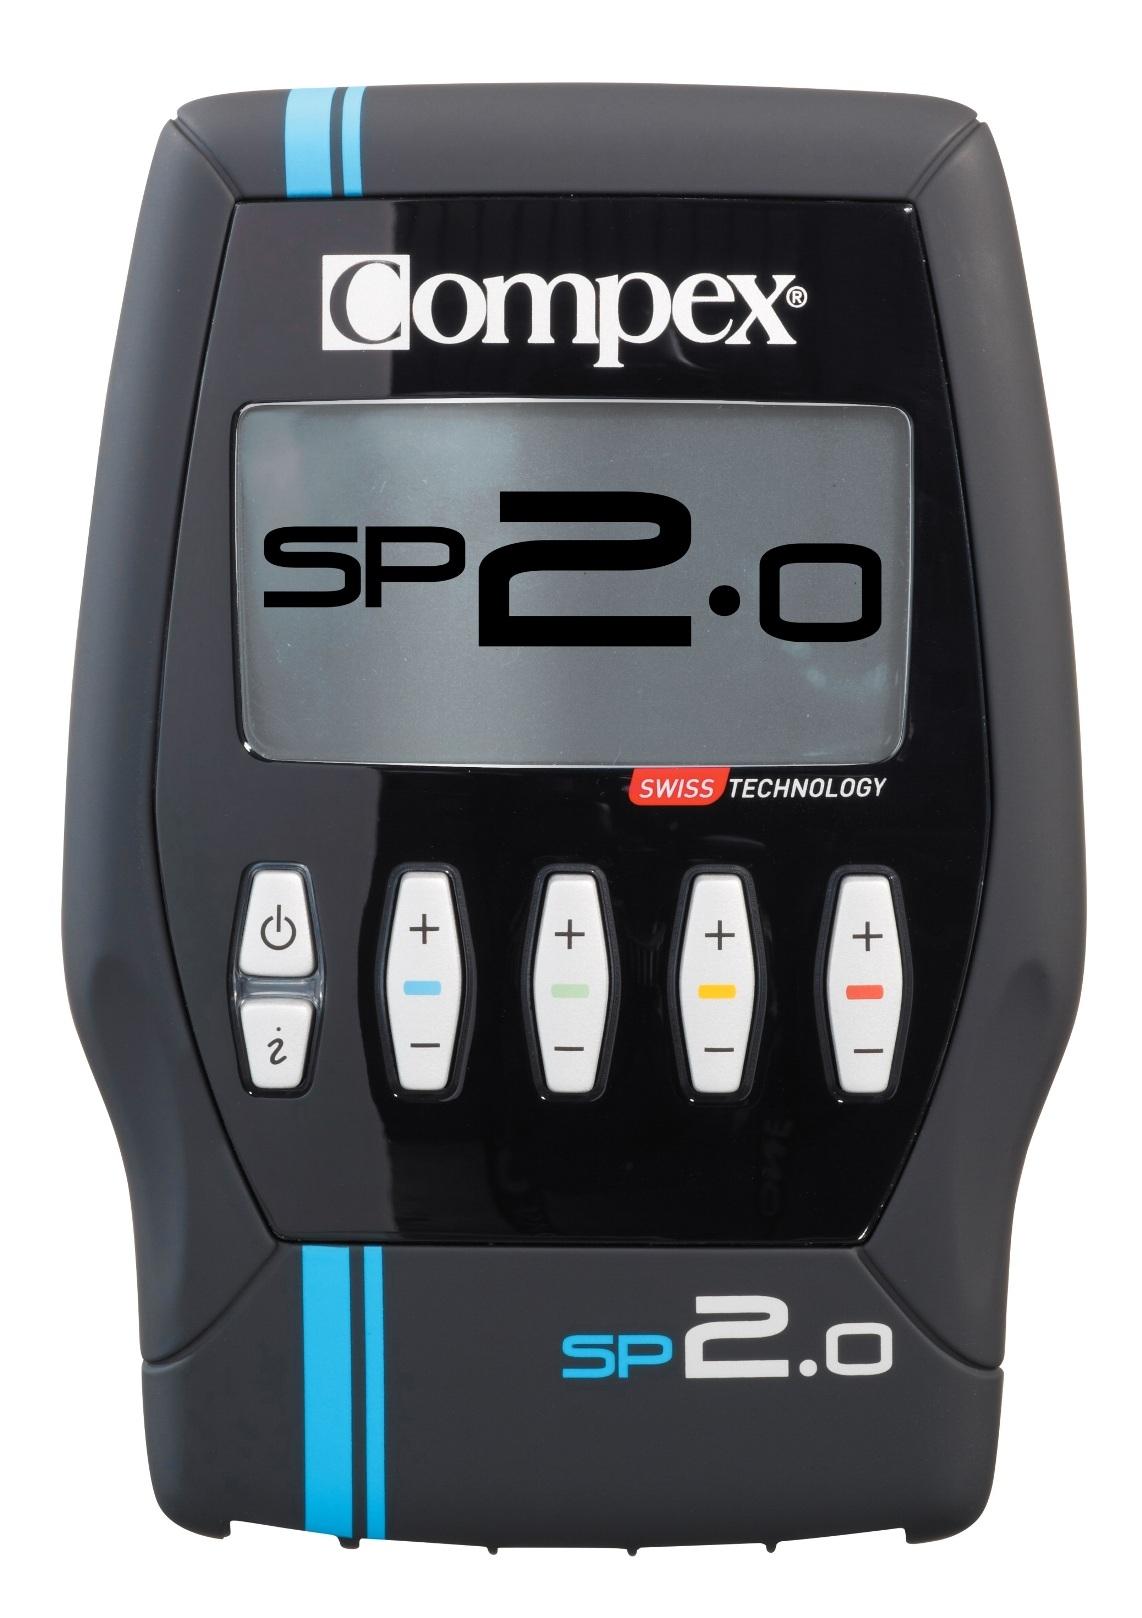 Compex SP 2.0 Mi